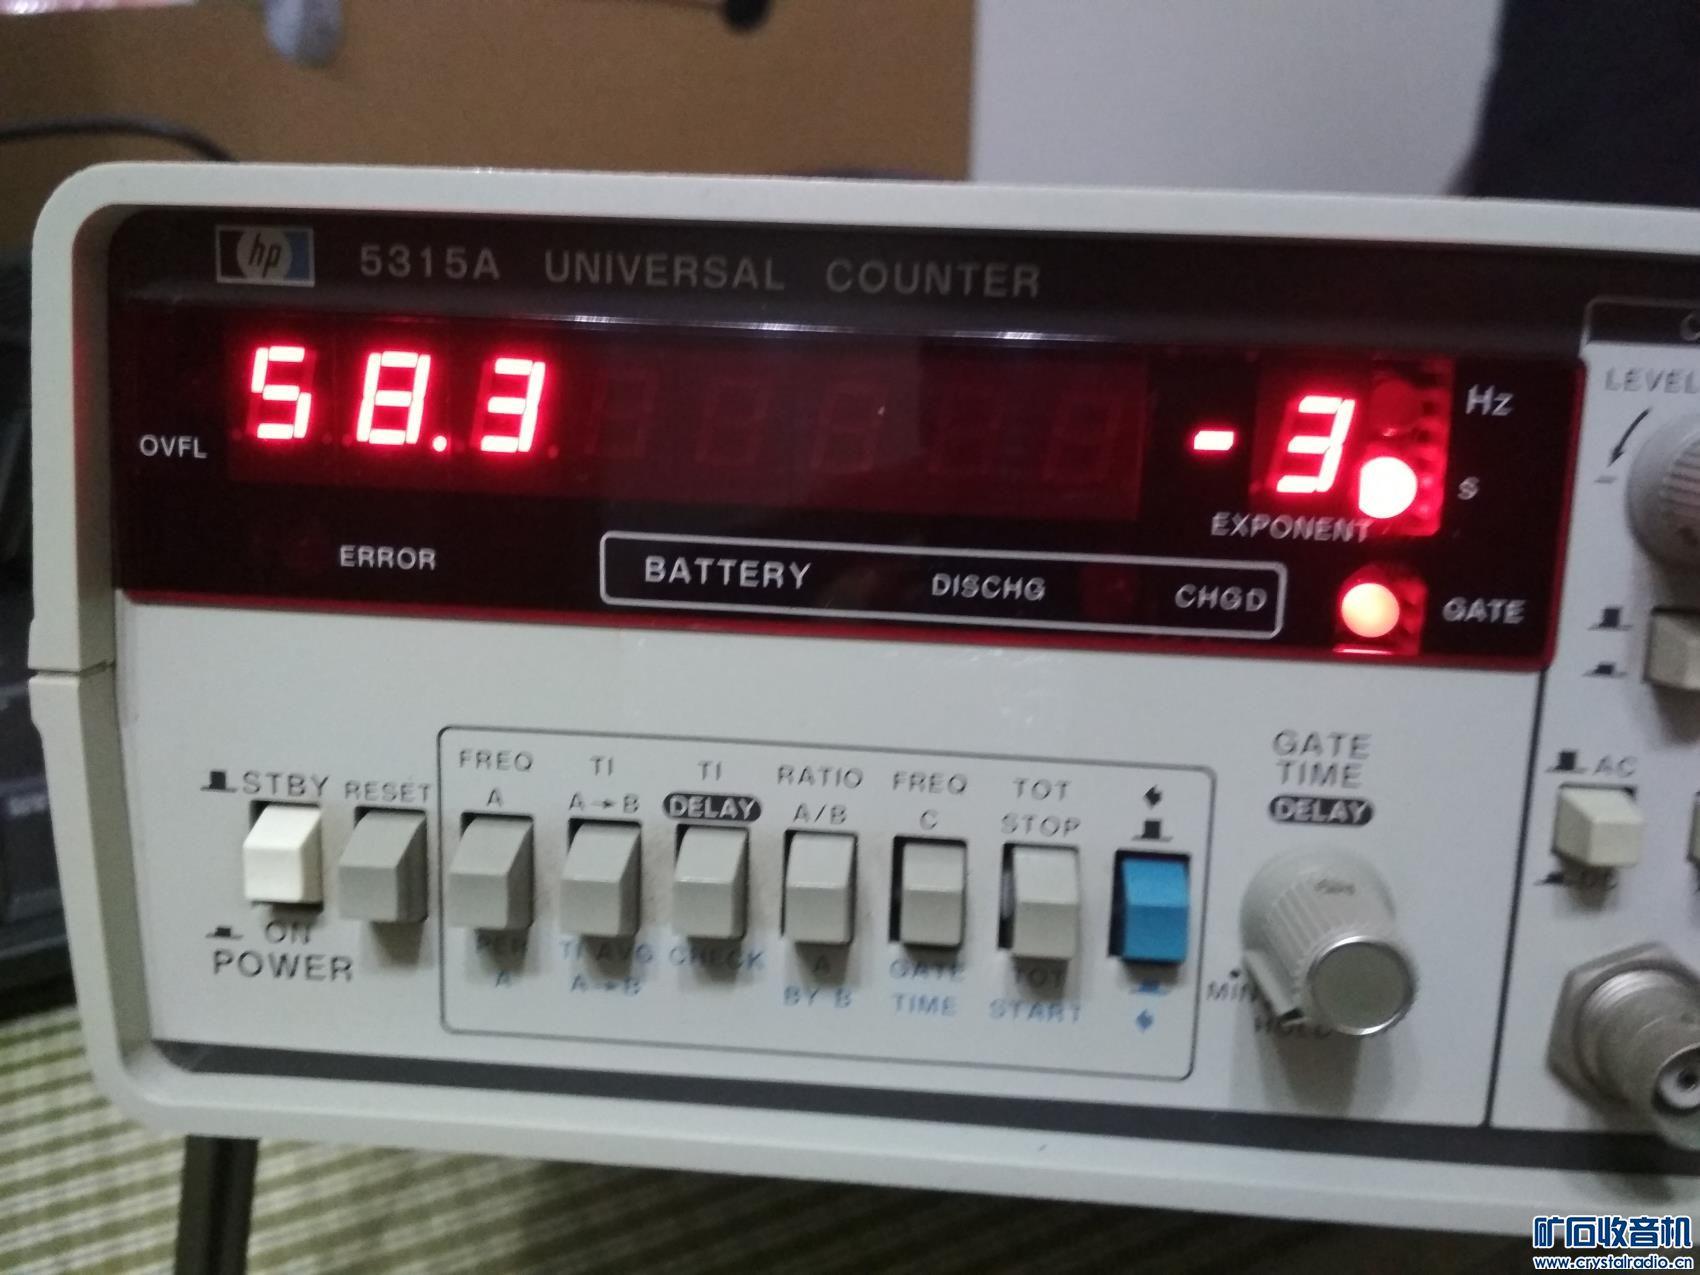 3419号原装美国频率计很新无附件全部功能完好(精度不保320元) (7).jpg